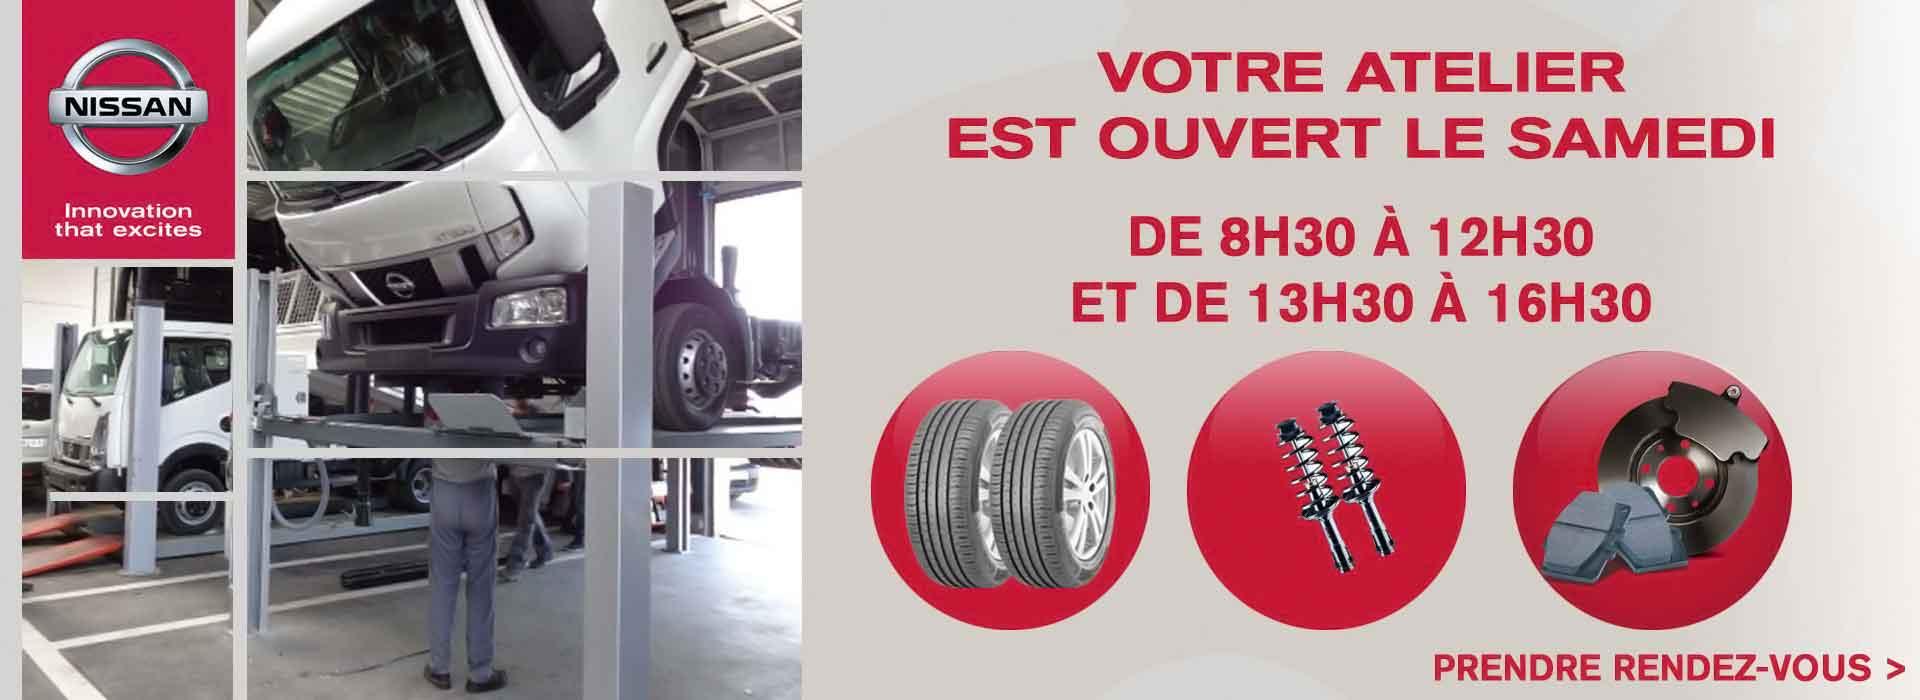 Ouverture-du-samedi-Nissan-Chartres